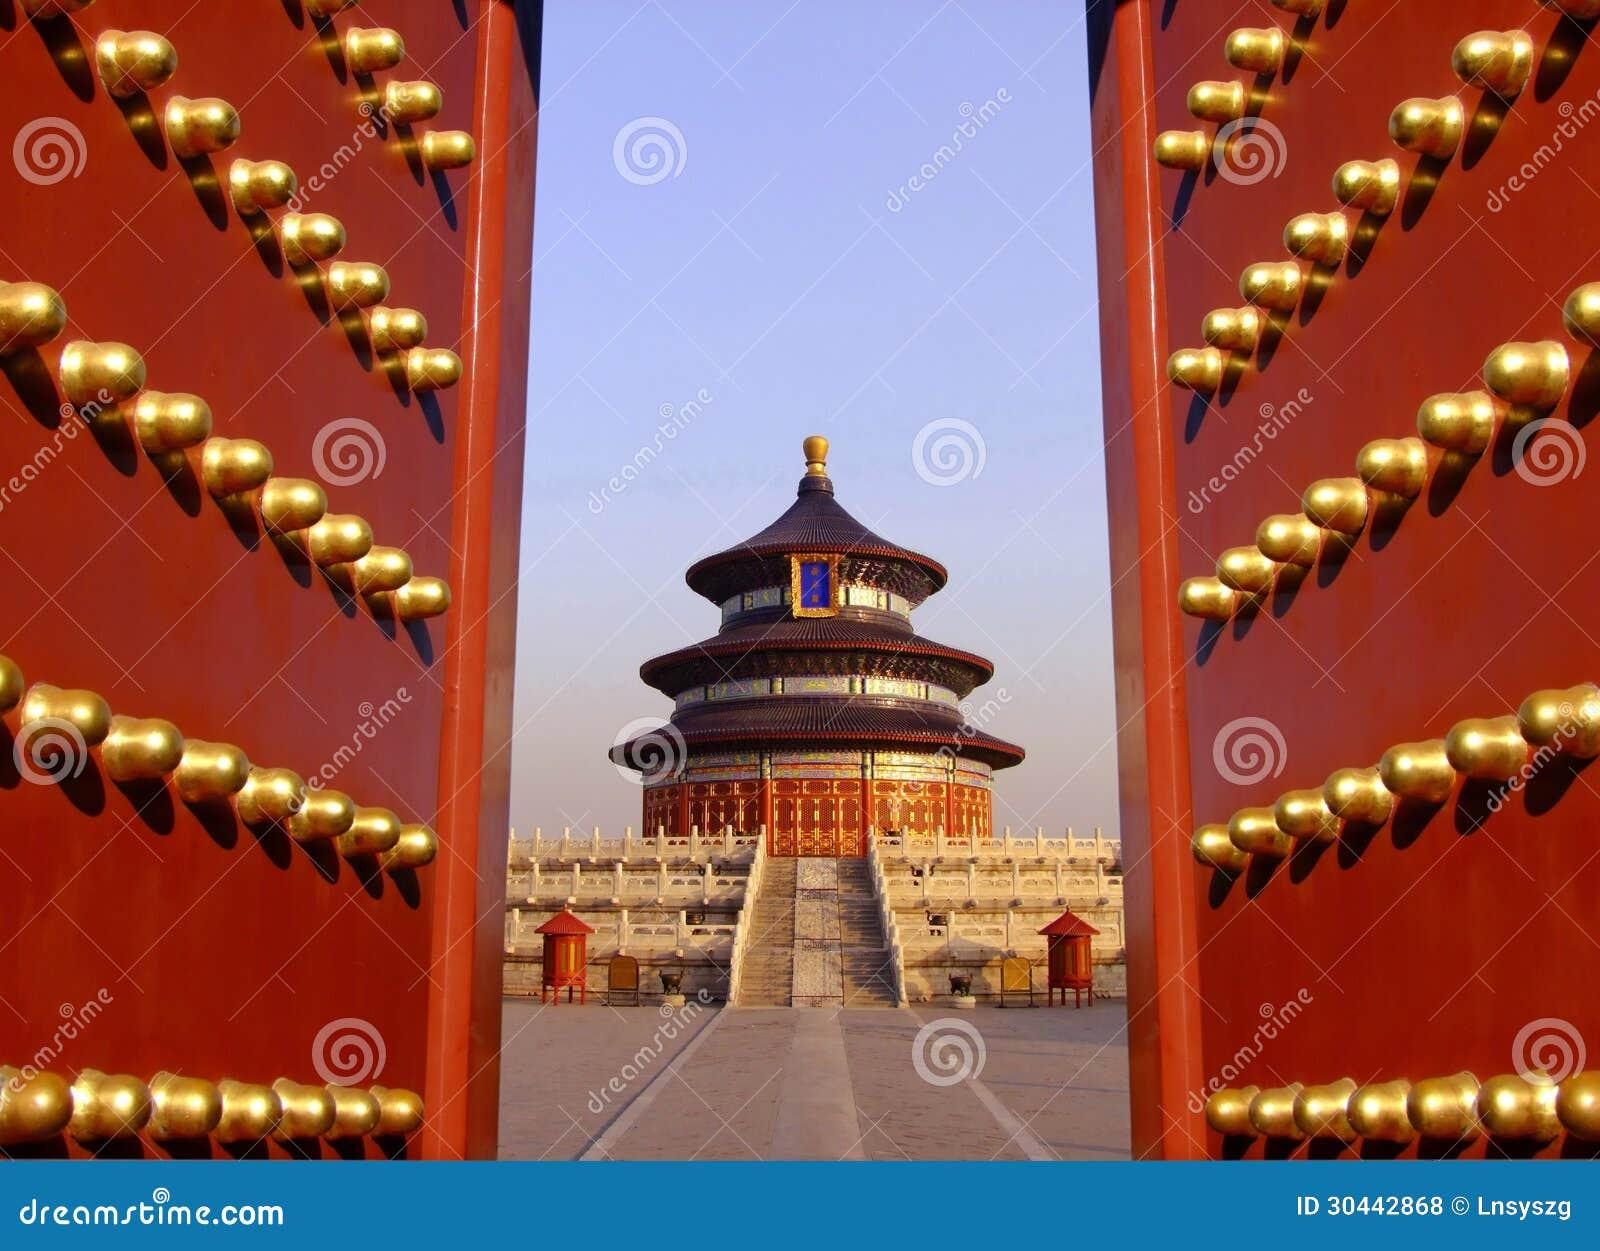 El Templo del Cielo en Pekín, China